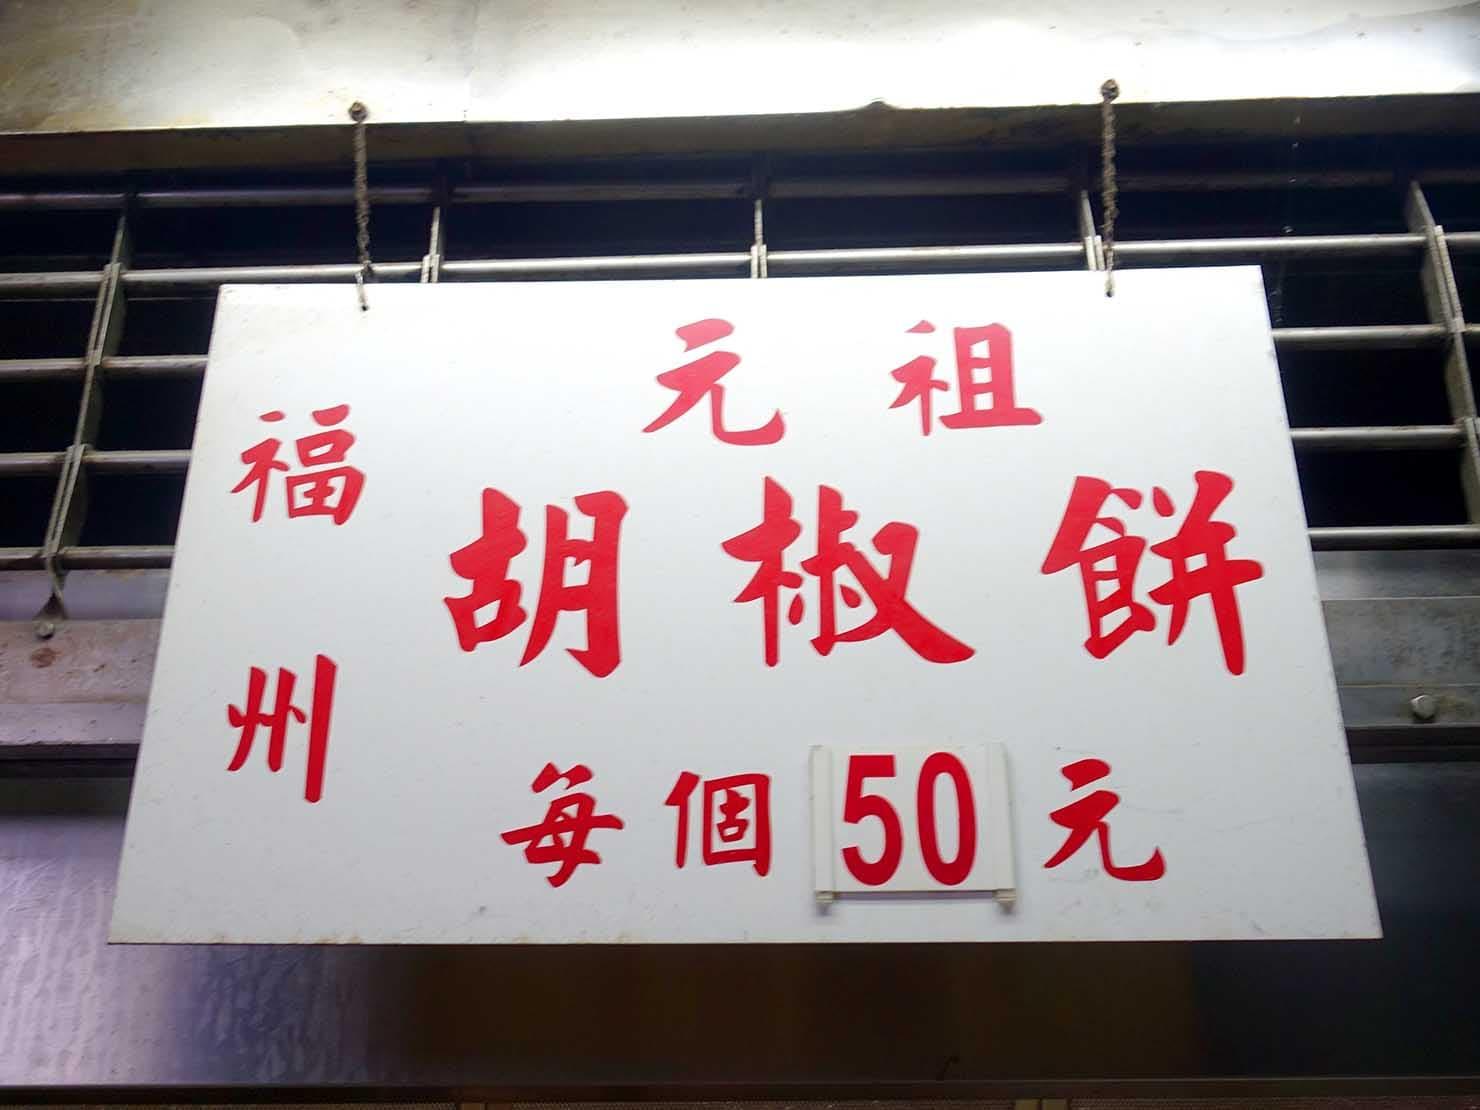 台北・龍山寺エリアのおすすめグルメ店「武林萌主福州元祖胡椒餅」のメニュー